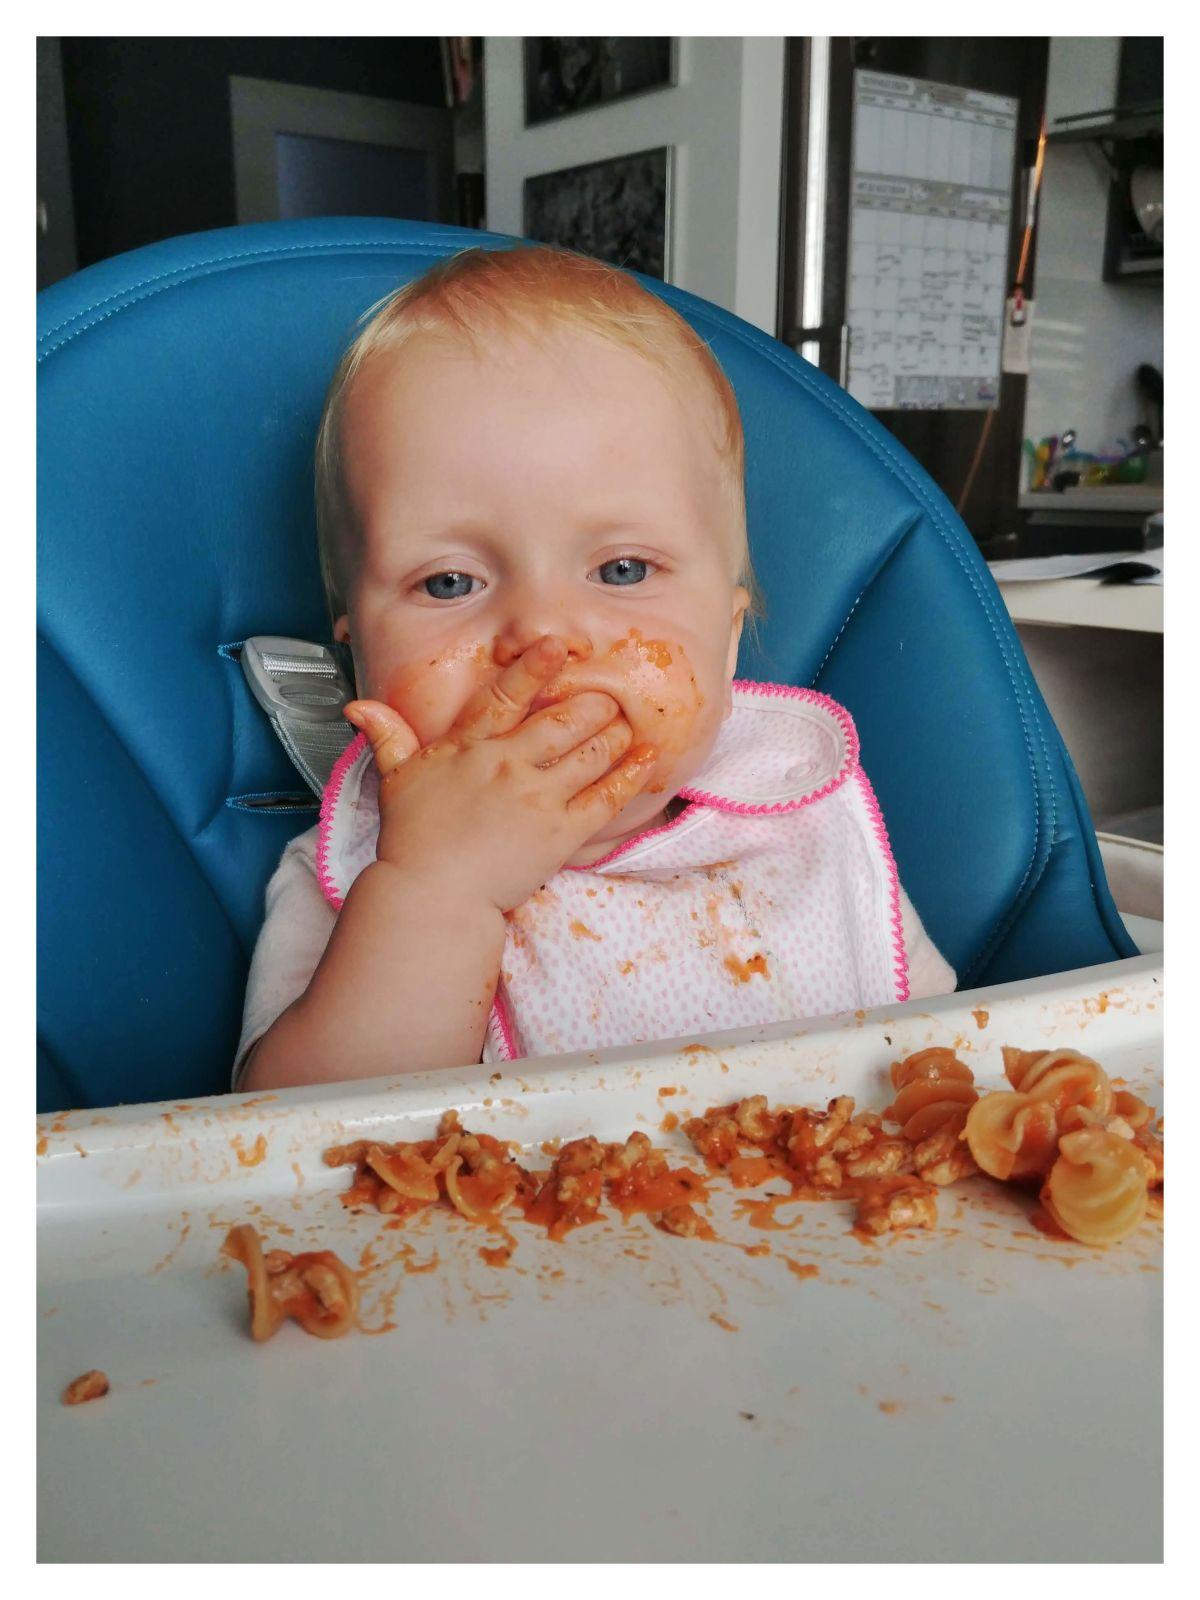 ŁYŻKA CZY BLW? Rozszerzanie diety dziecka okiem matki logopedki